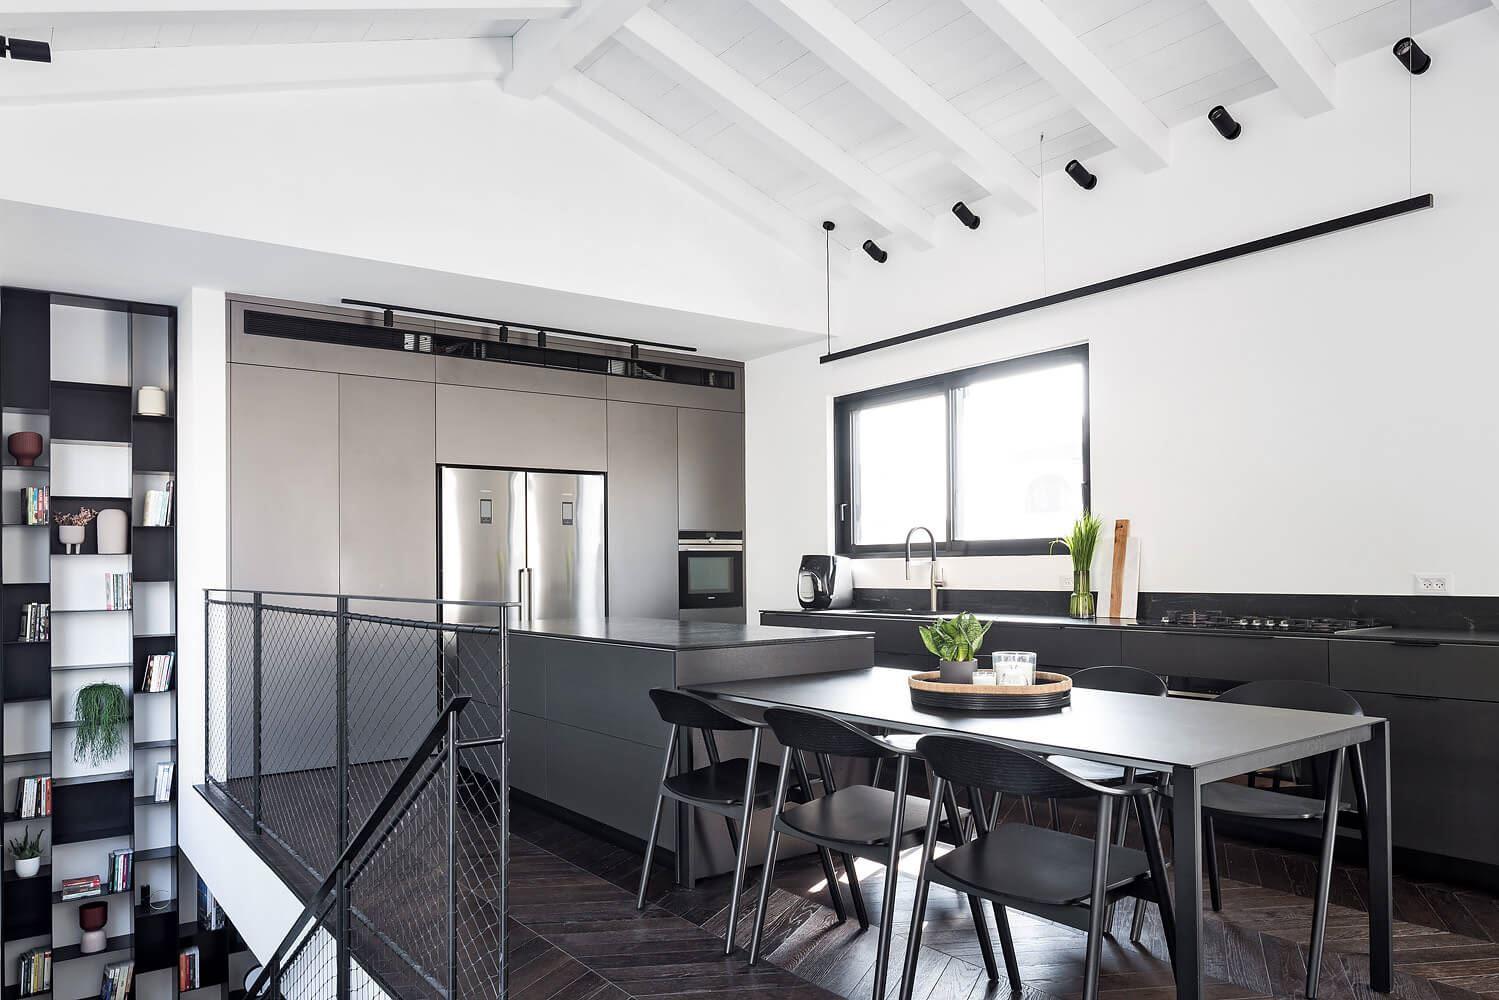 התקנת תאורה למטבח נעשתה על ידי קמחי תאורה בפרויקט תאורה בבית בגבעתיים